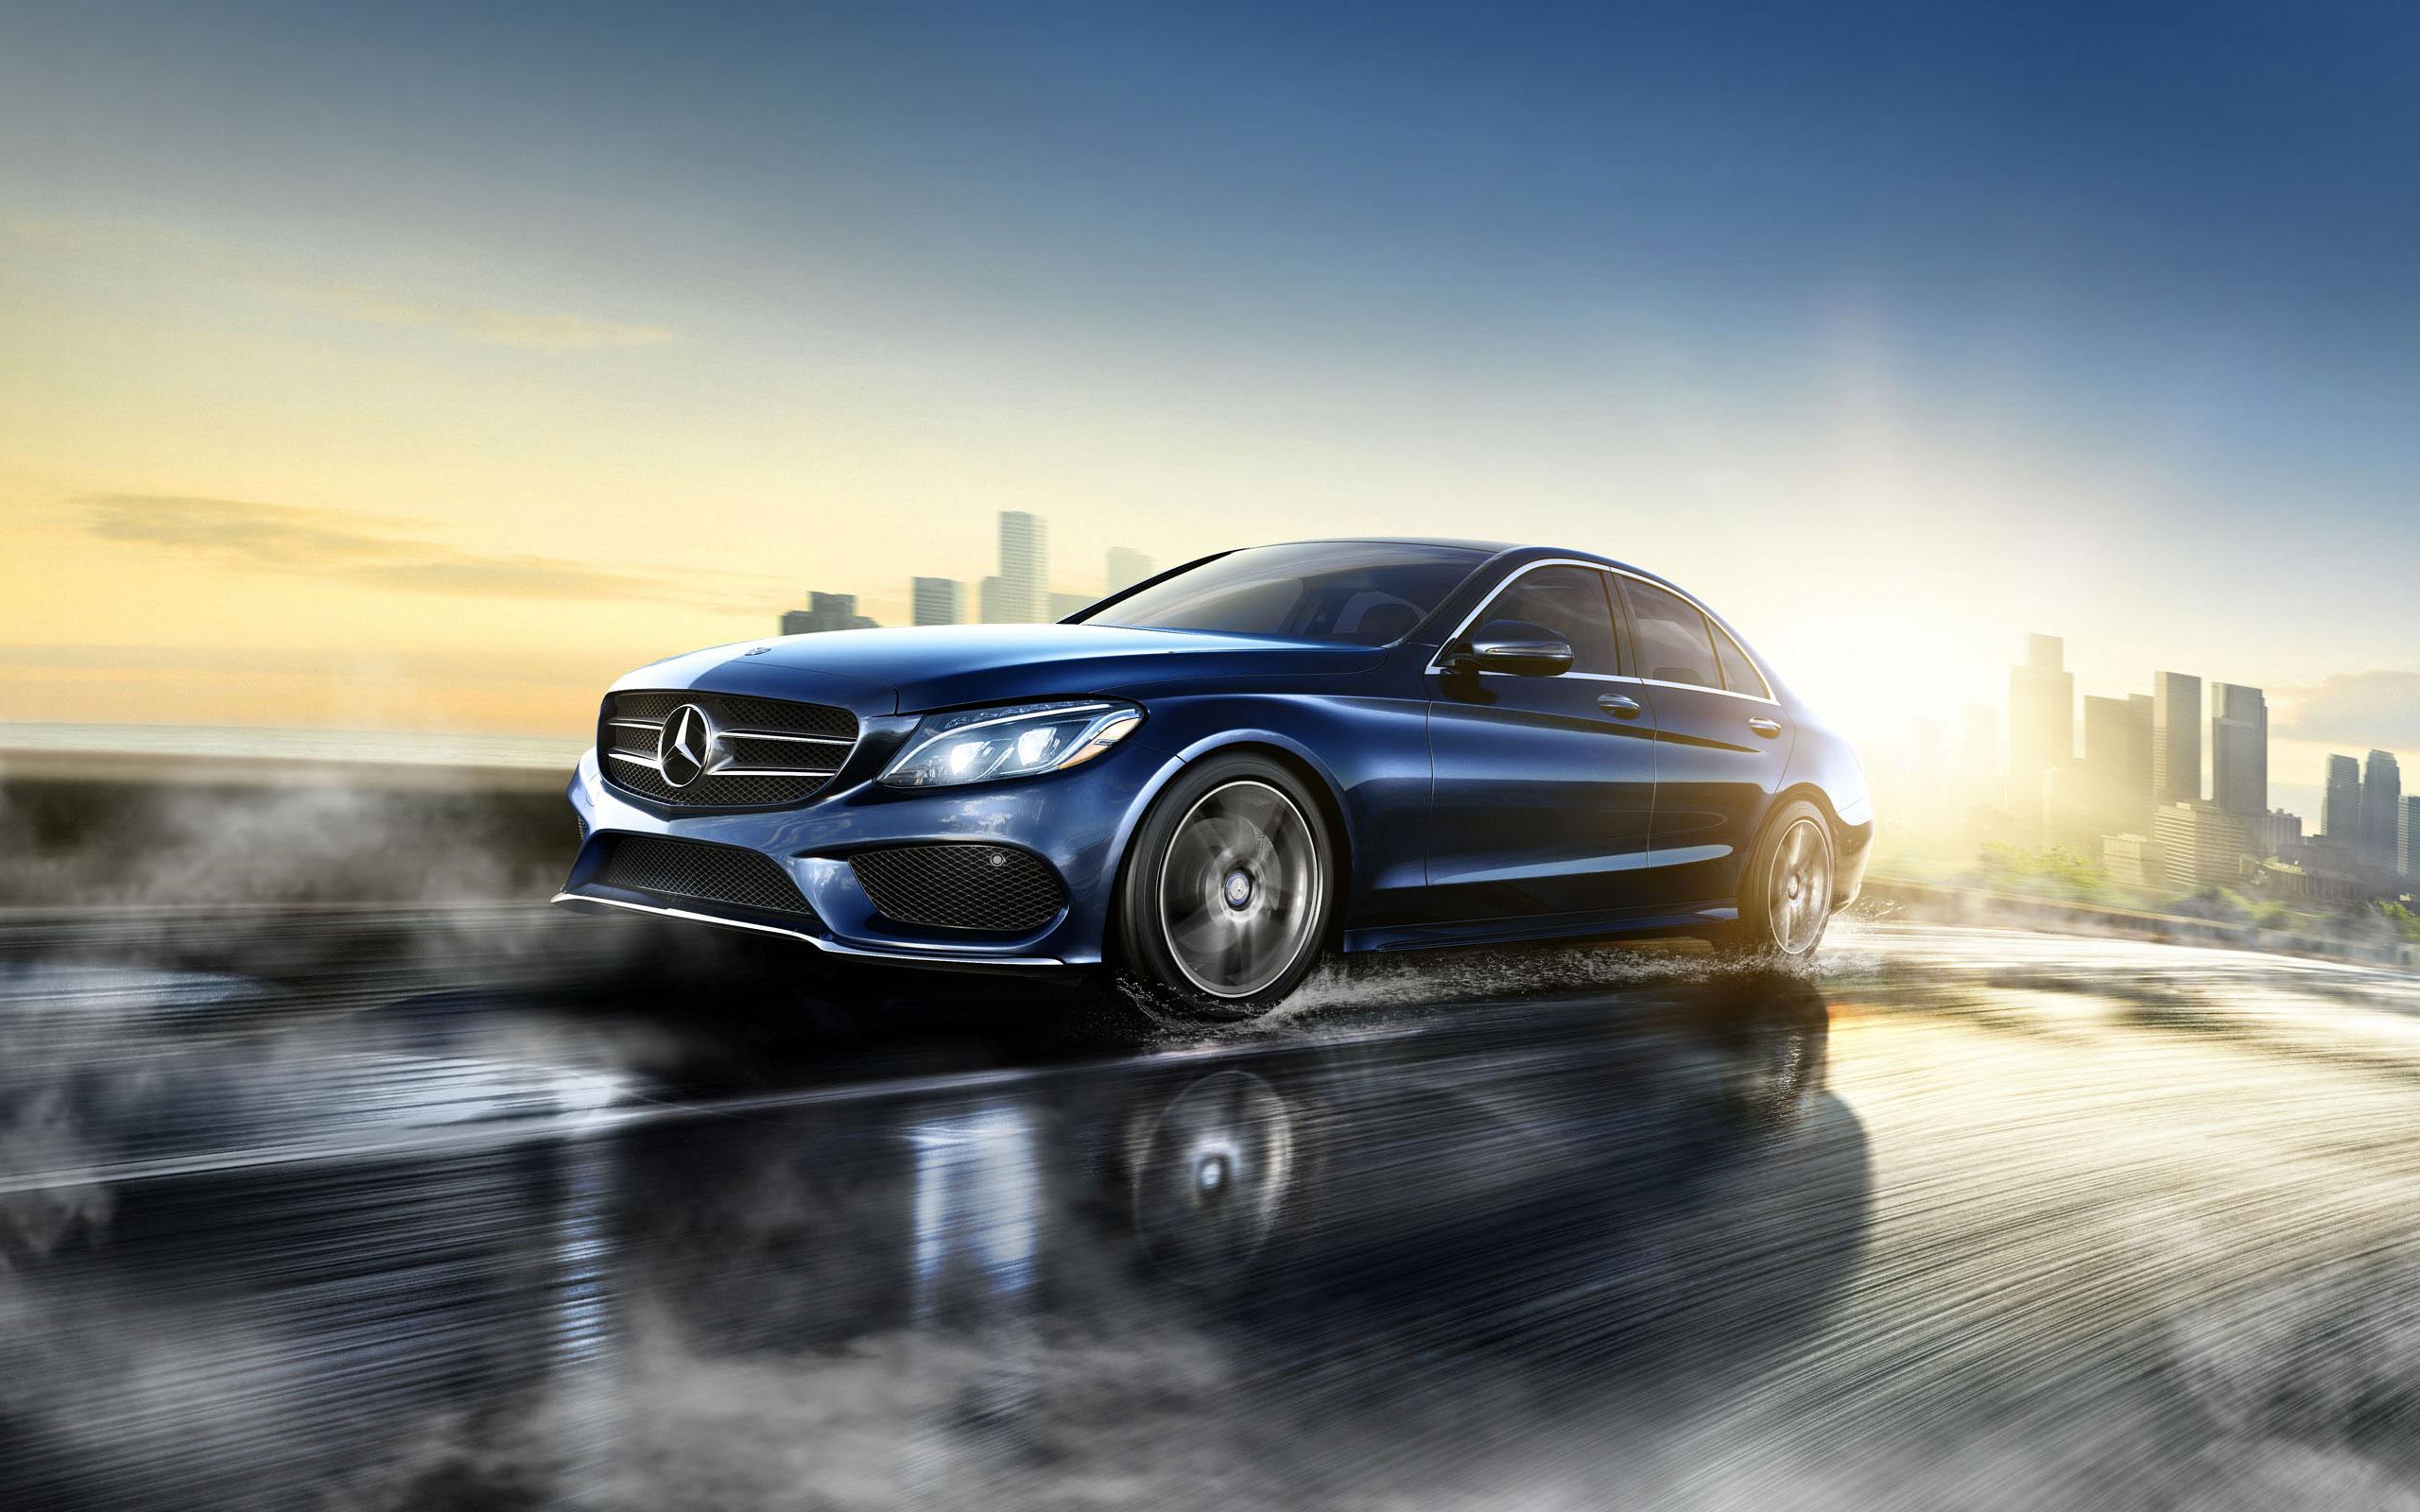 2015 Mercedes Benz C Class Computer Wallpapers 18519 2560x1600